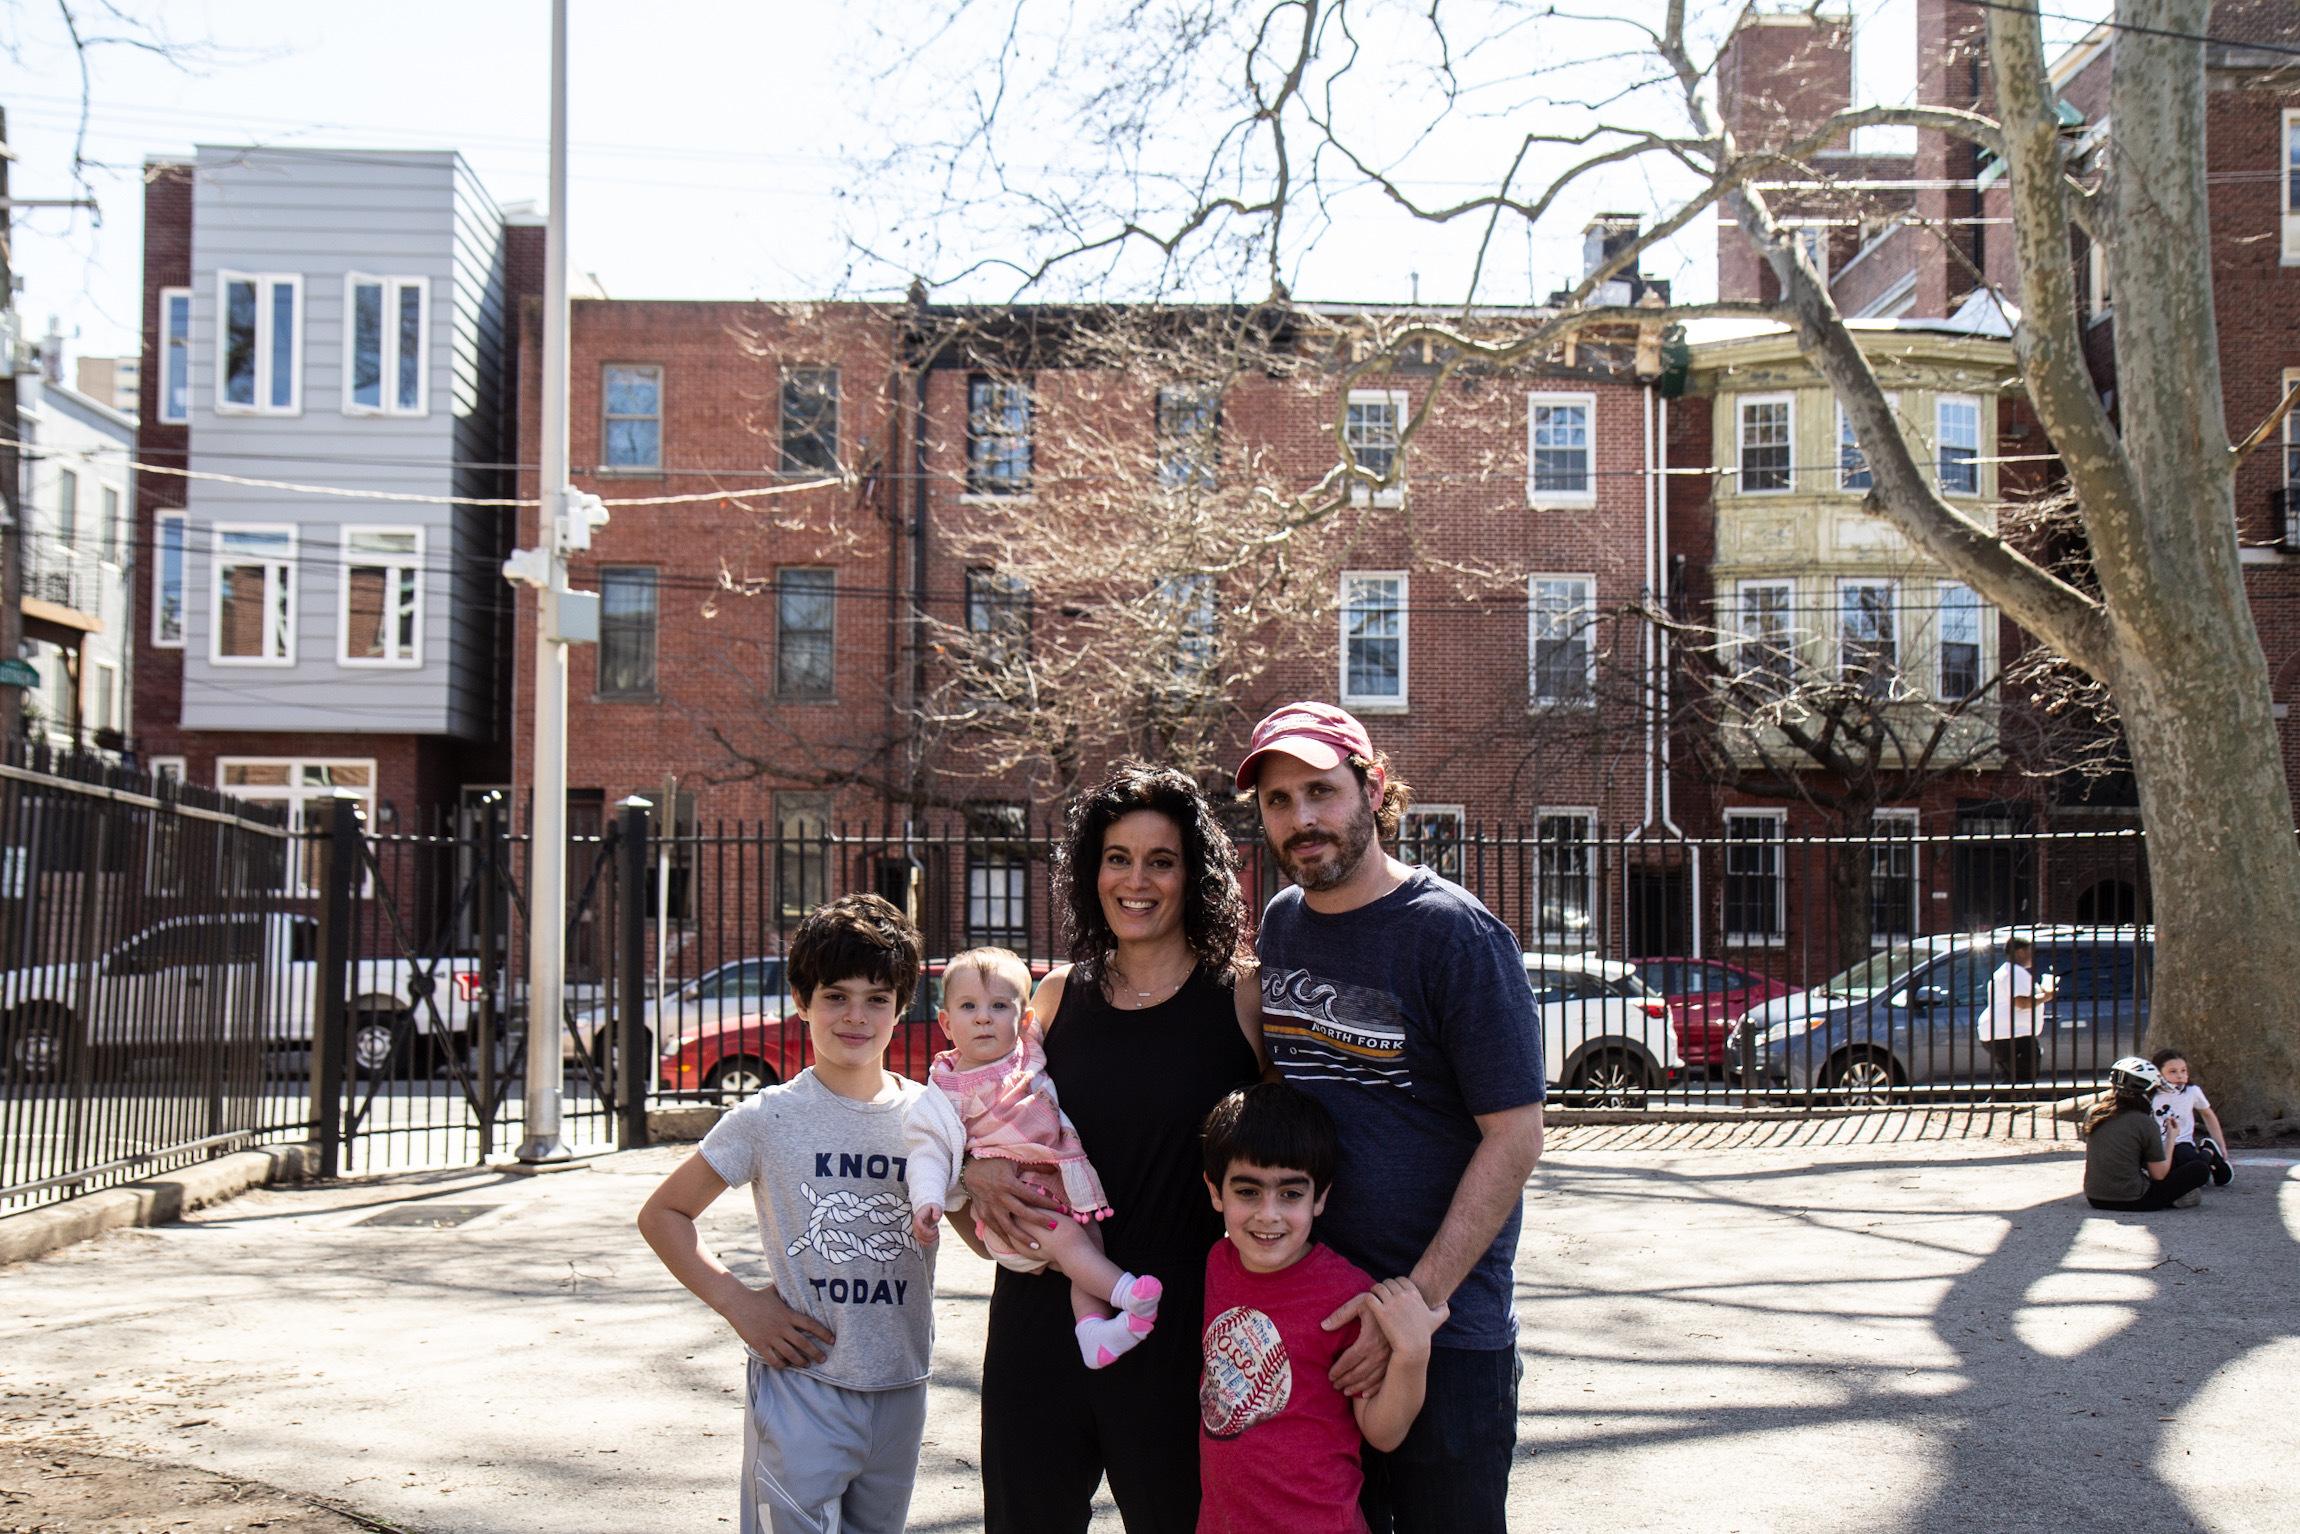 Blair Pomerantz, her husband Lance, their children Brayden, 9, Lance, 6, and 8-month-old Violet.